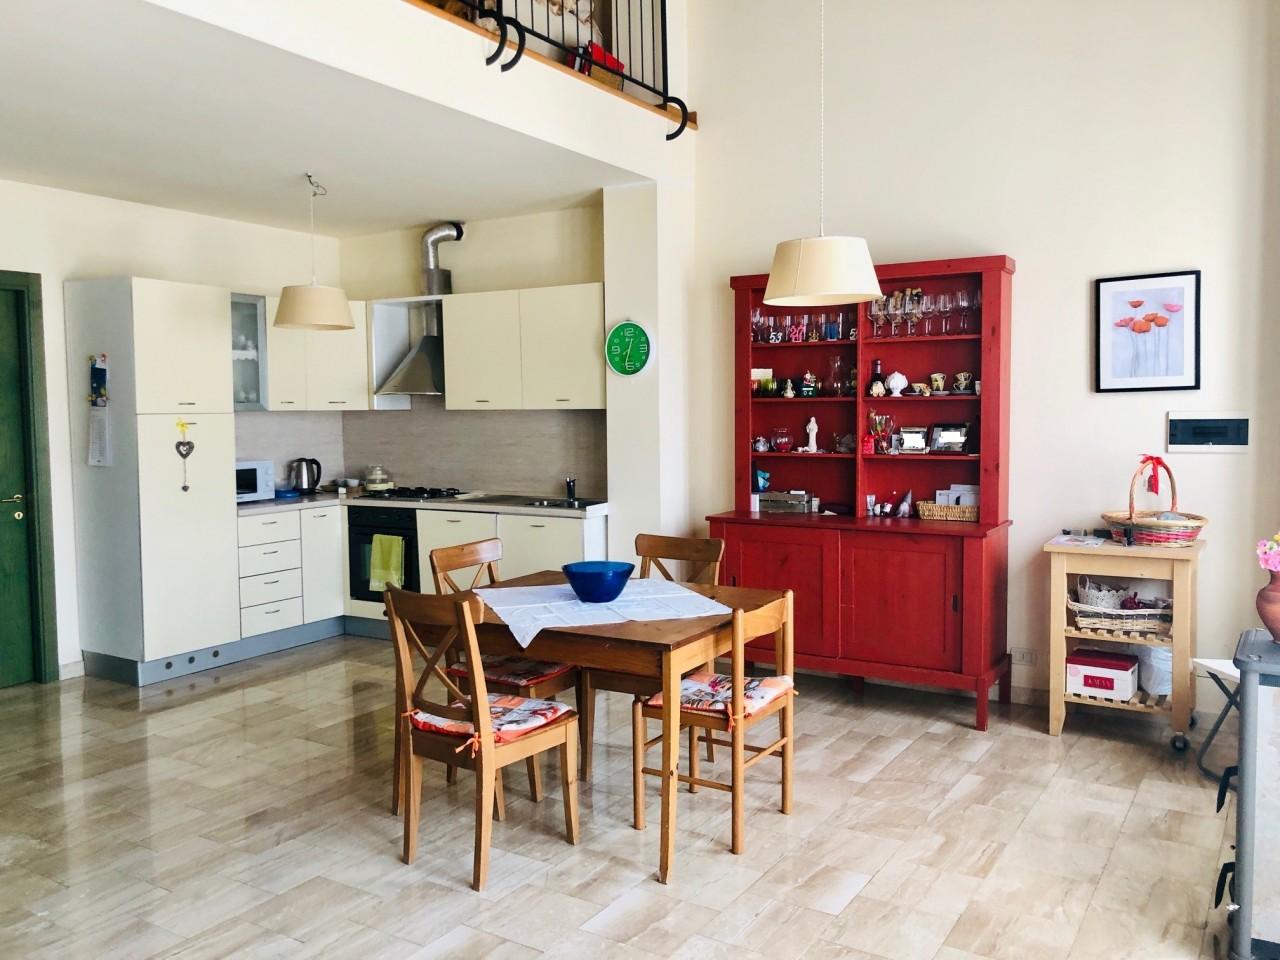 Appartamento in affitto a Colle di Val d'Elsa, 5 locali, prezzo € 800 | CambioCasa.it